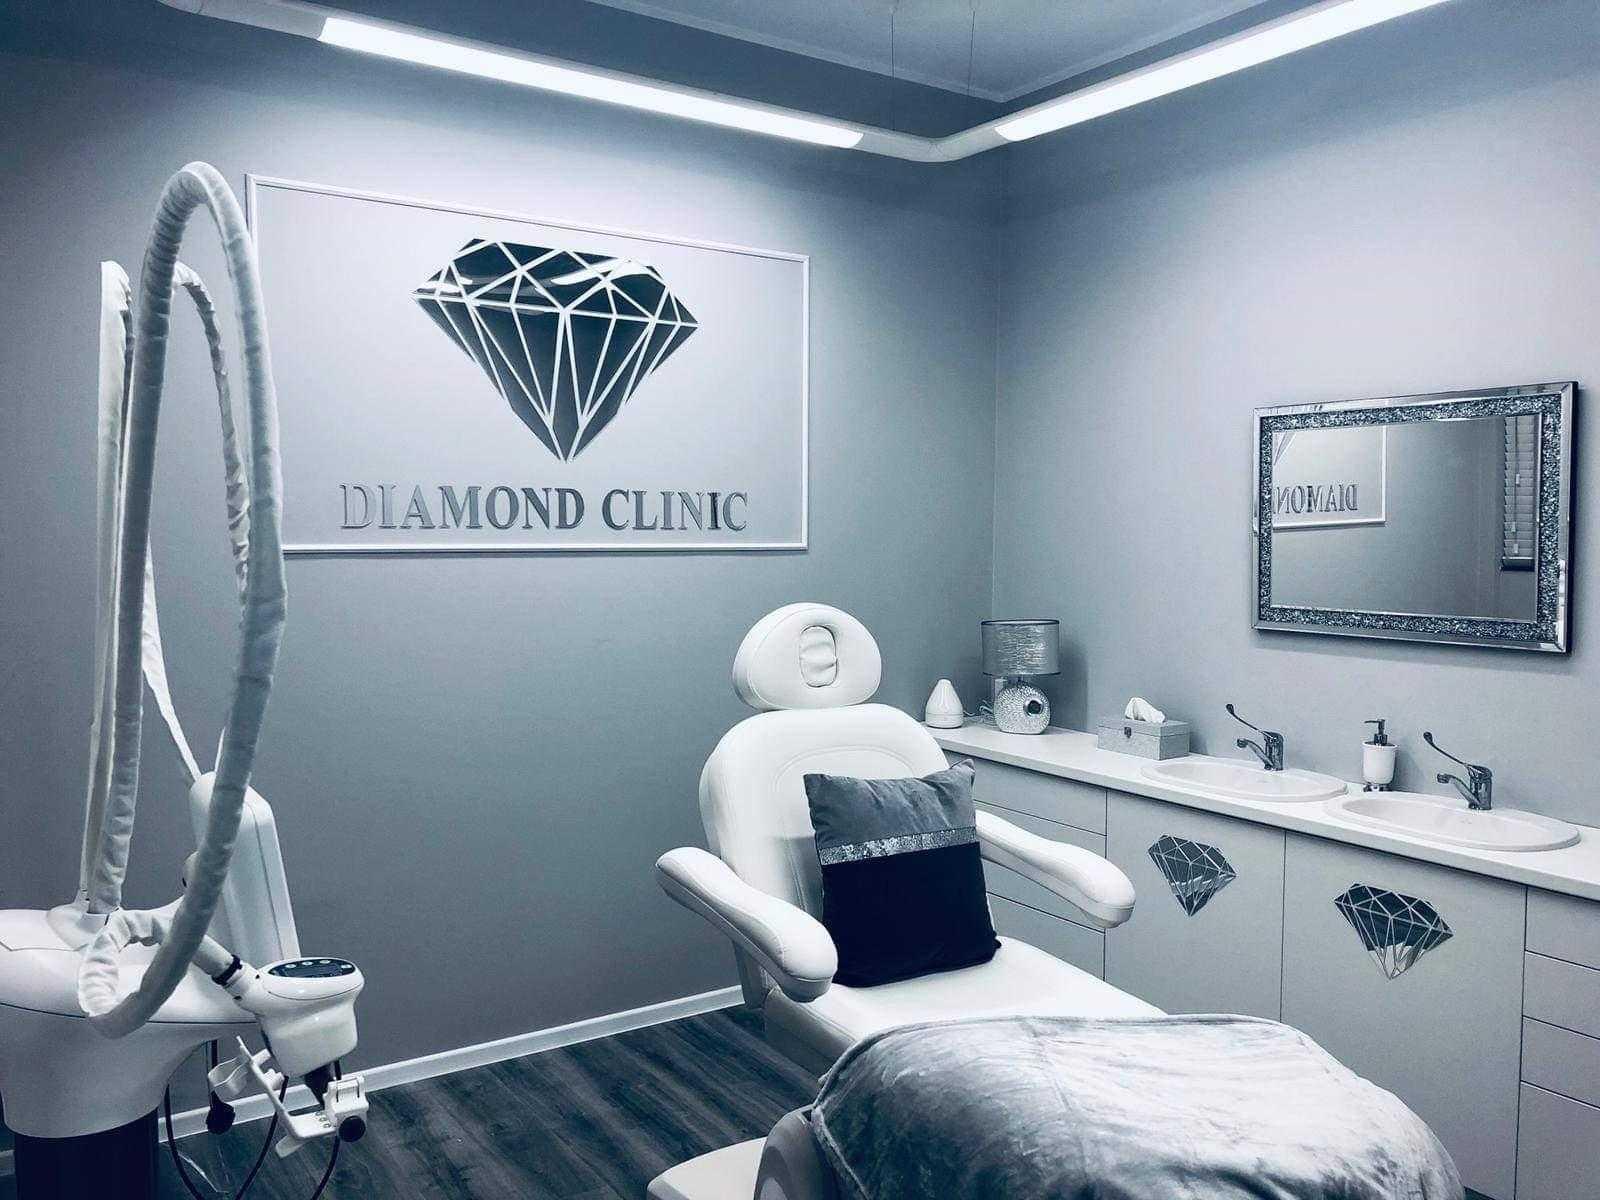 chirurgia plastyczna Diamond Clinic Gdańsk